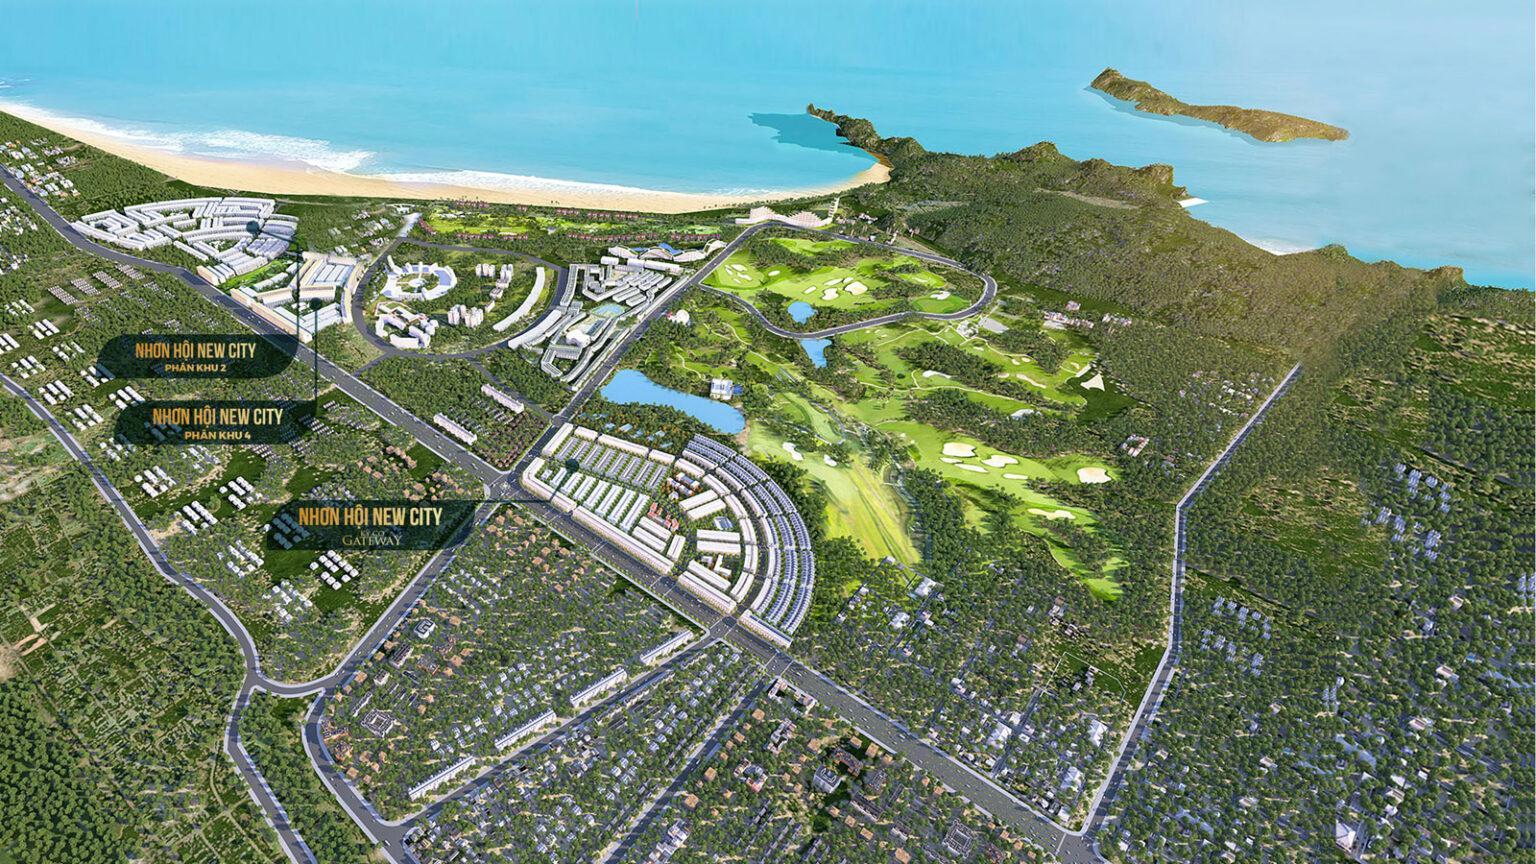 Phối cảnh Tổng quan dự án đất nền Nhơn Hội New City